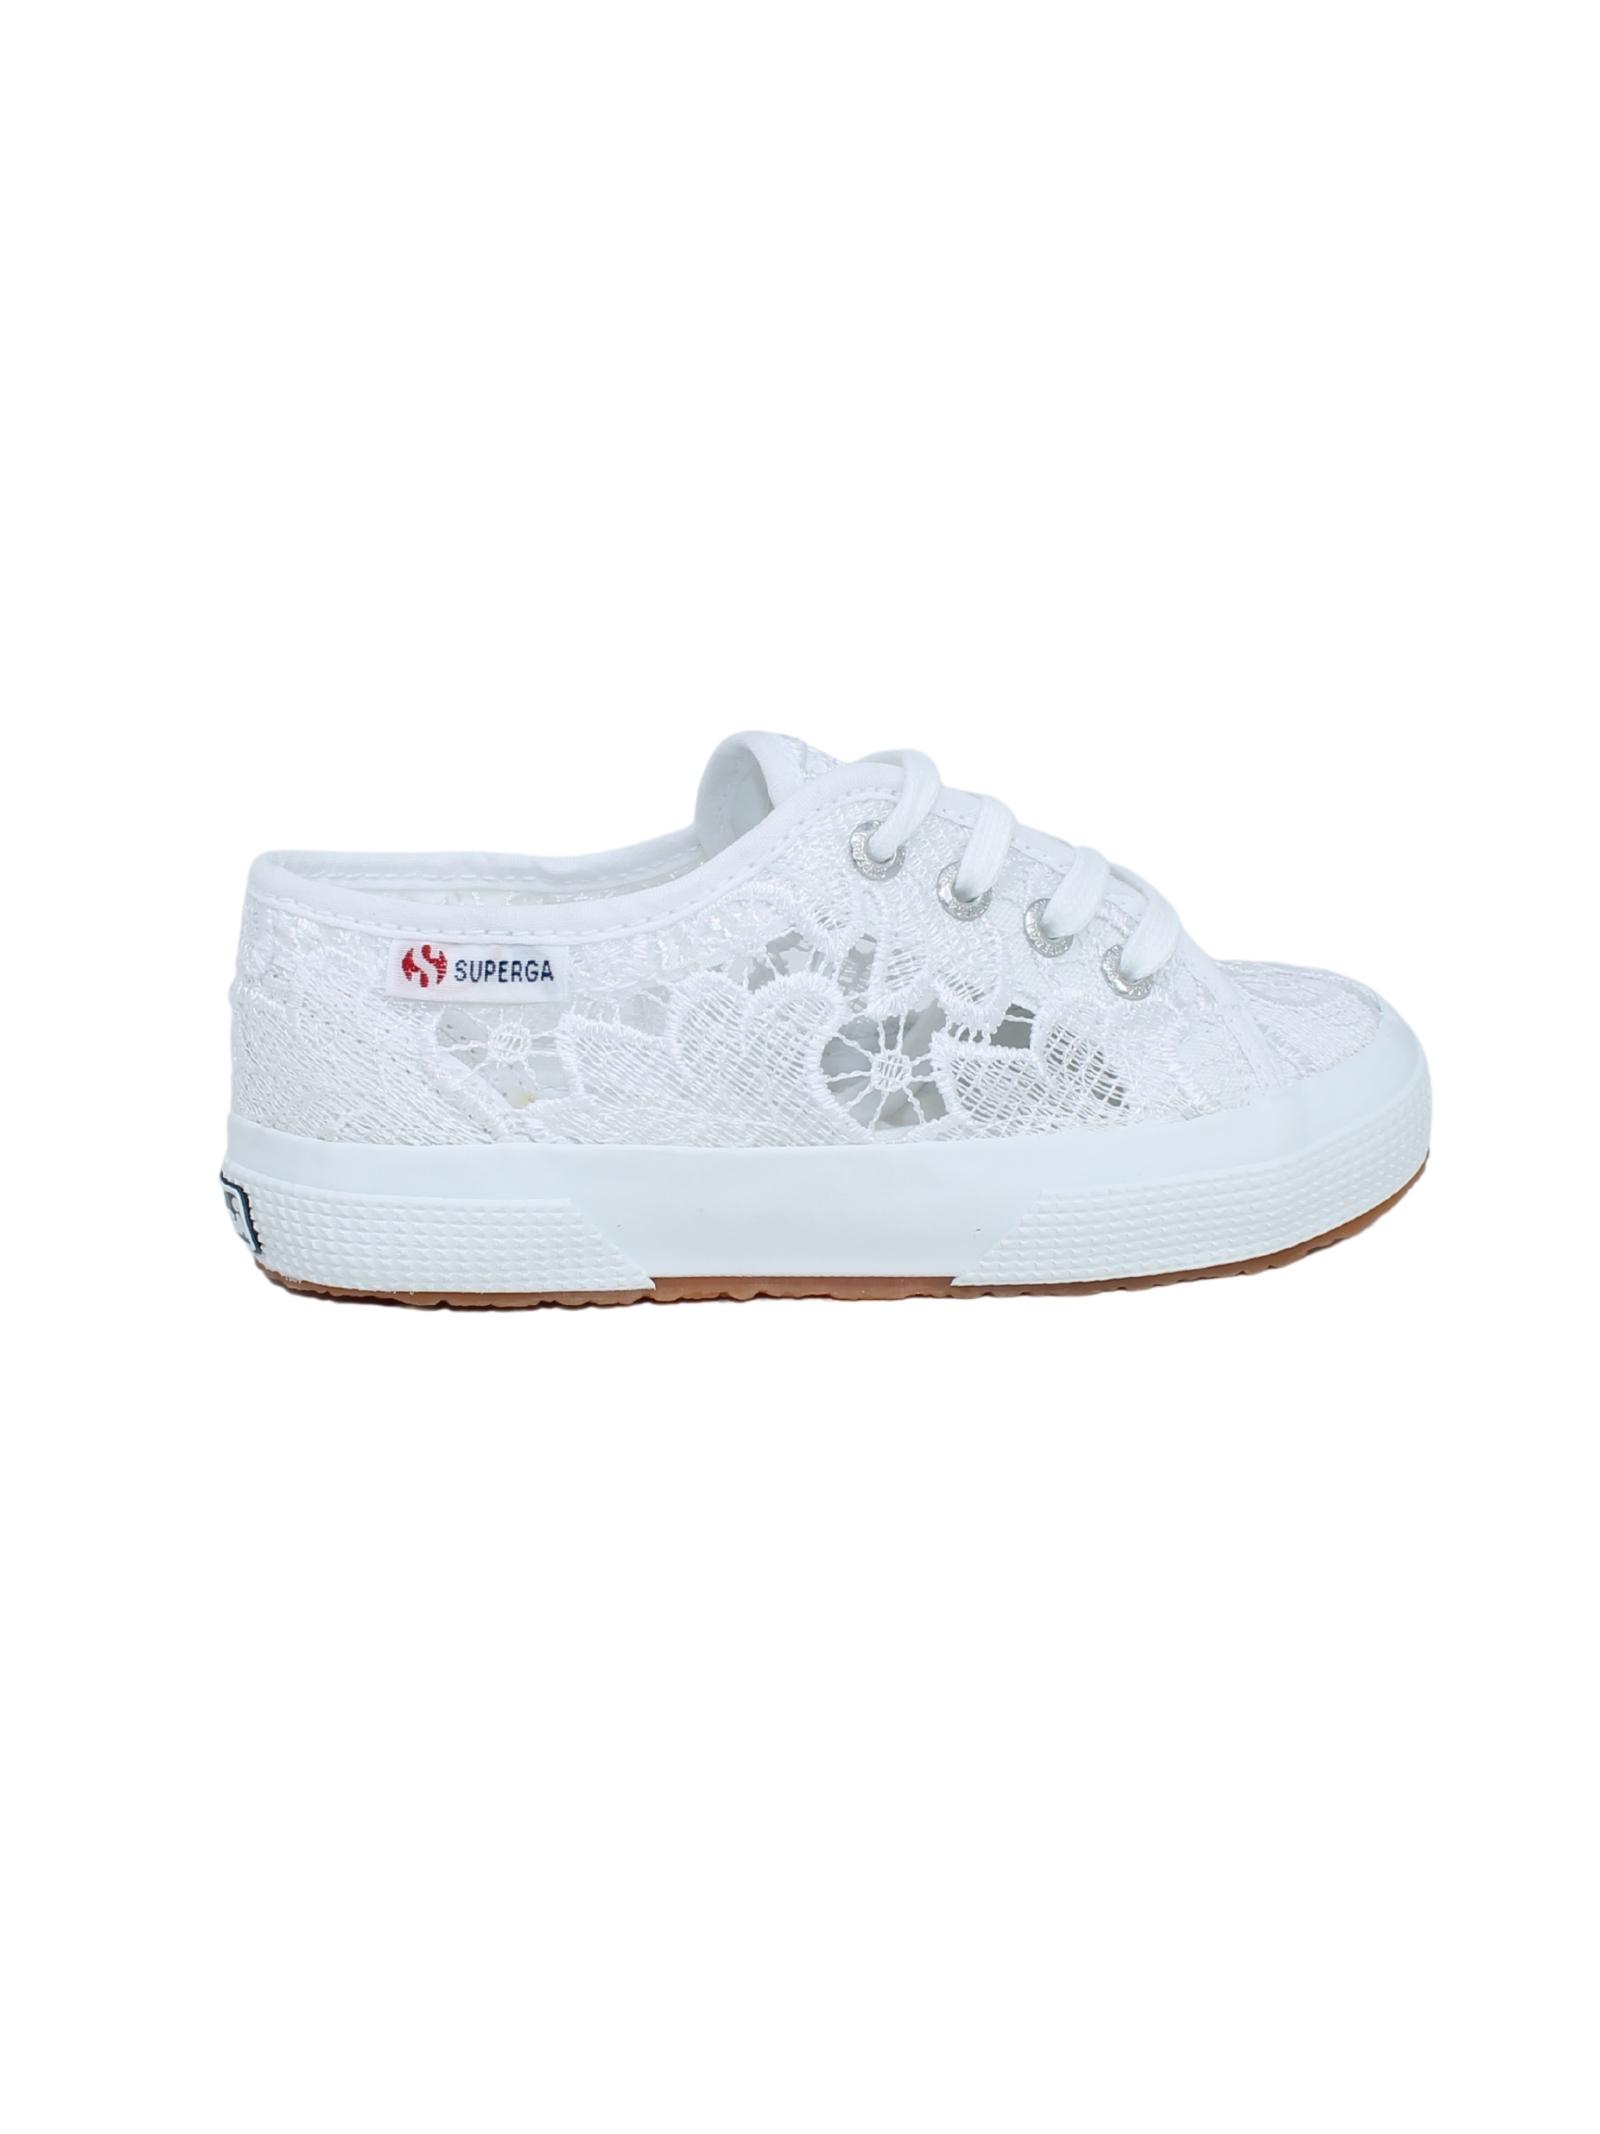 SUPERGA KIDS | Sneakers | 2750S008YA0BIANCO